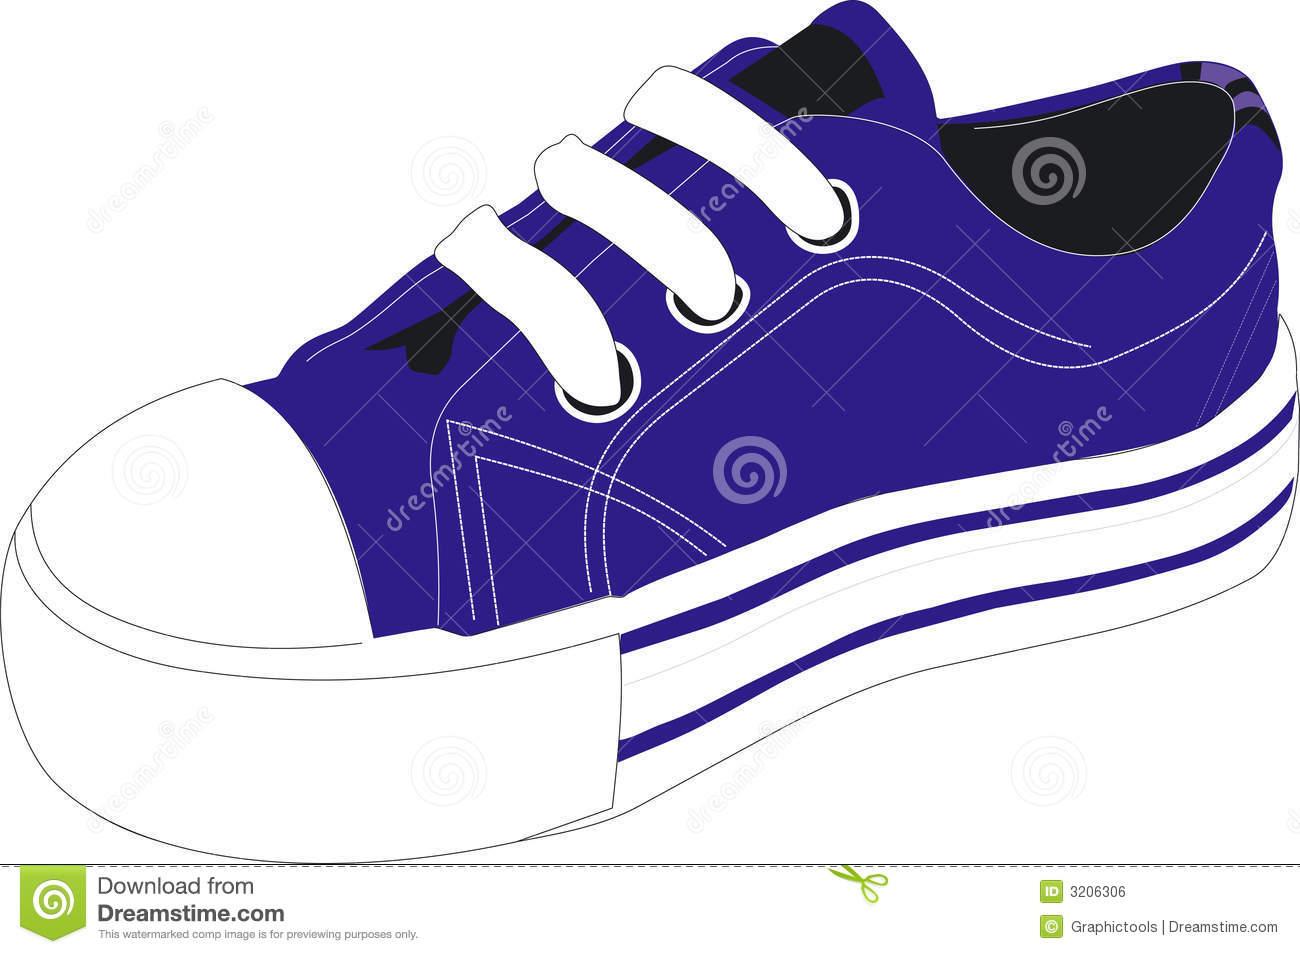 Shoe clipart blue Blue Shoe Clipart Tennis